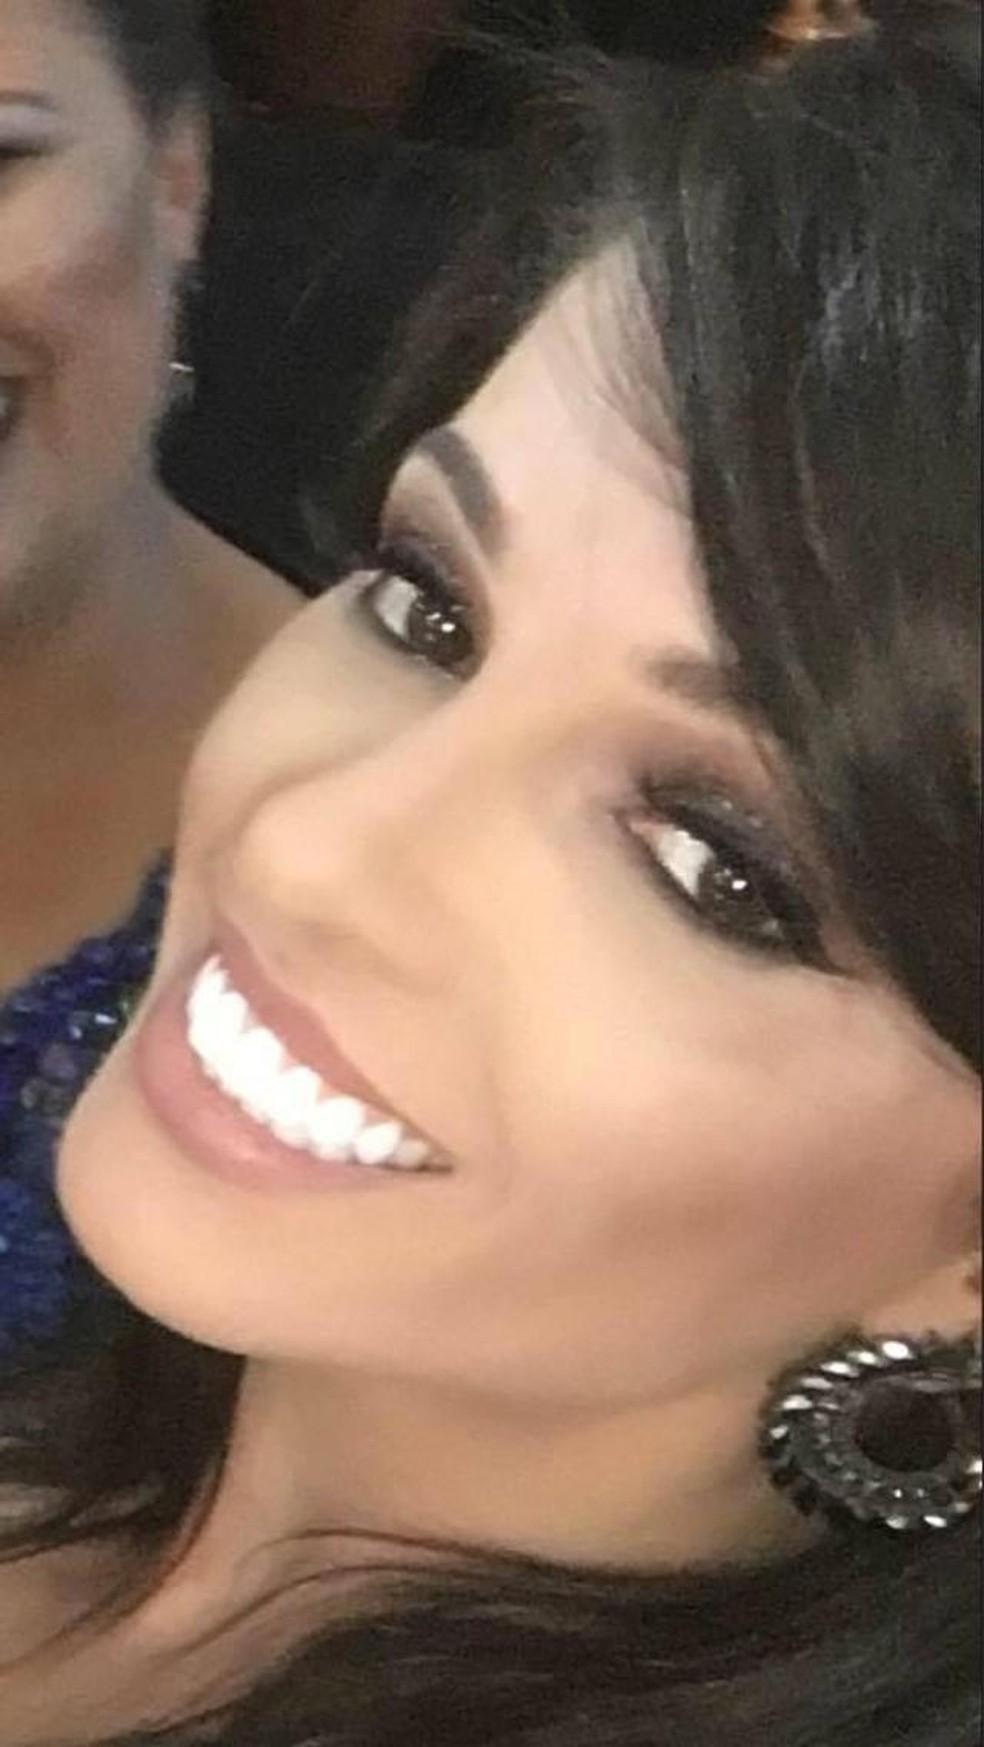 Hilma Balsamão, morreu depois de uma queda da cobertura de um prédio, no bairro Castelo, em BH — Foto: Redes Sociais